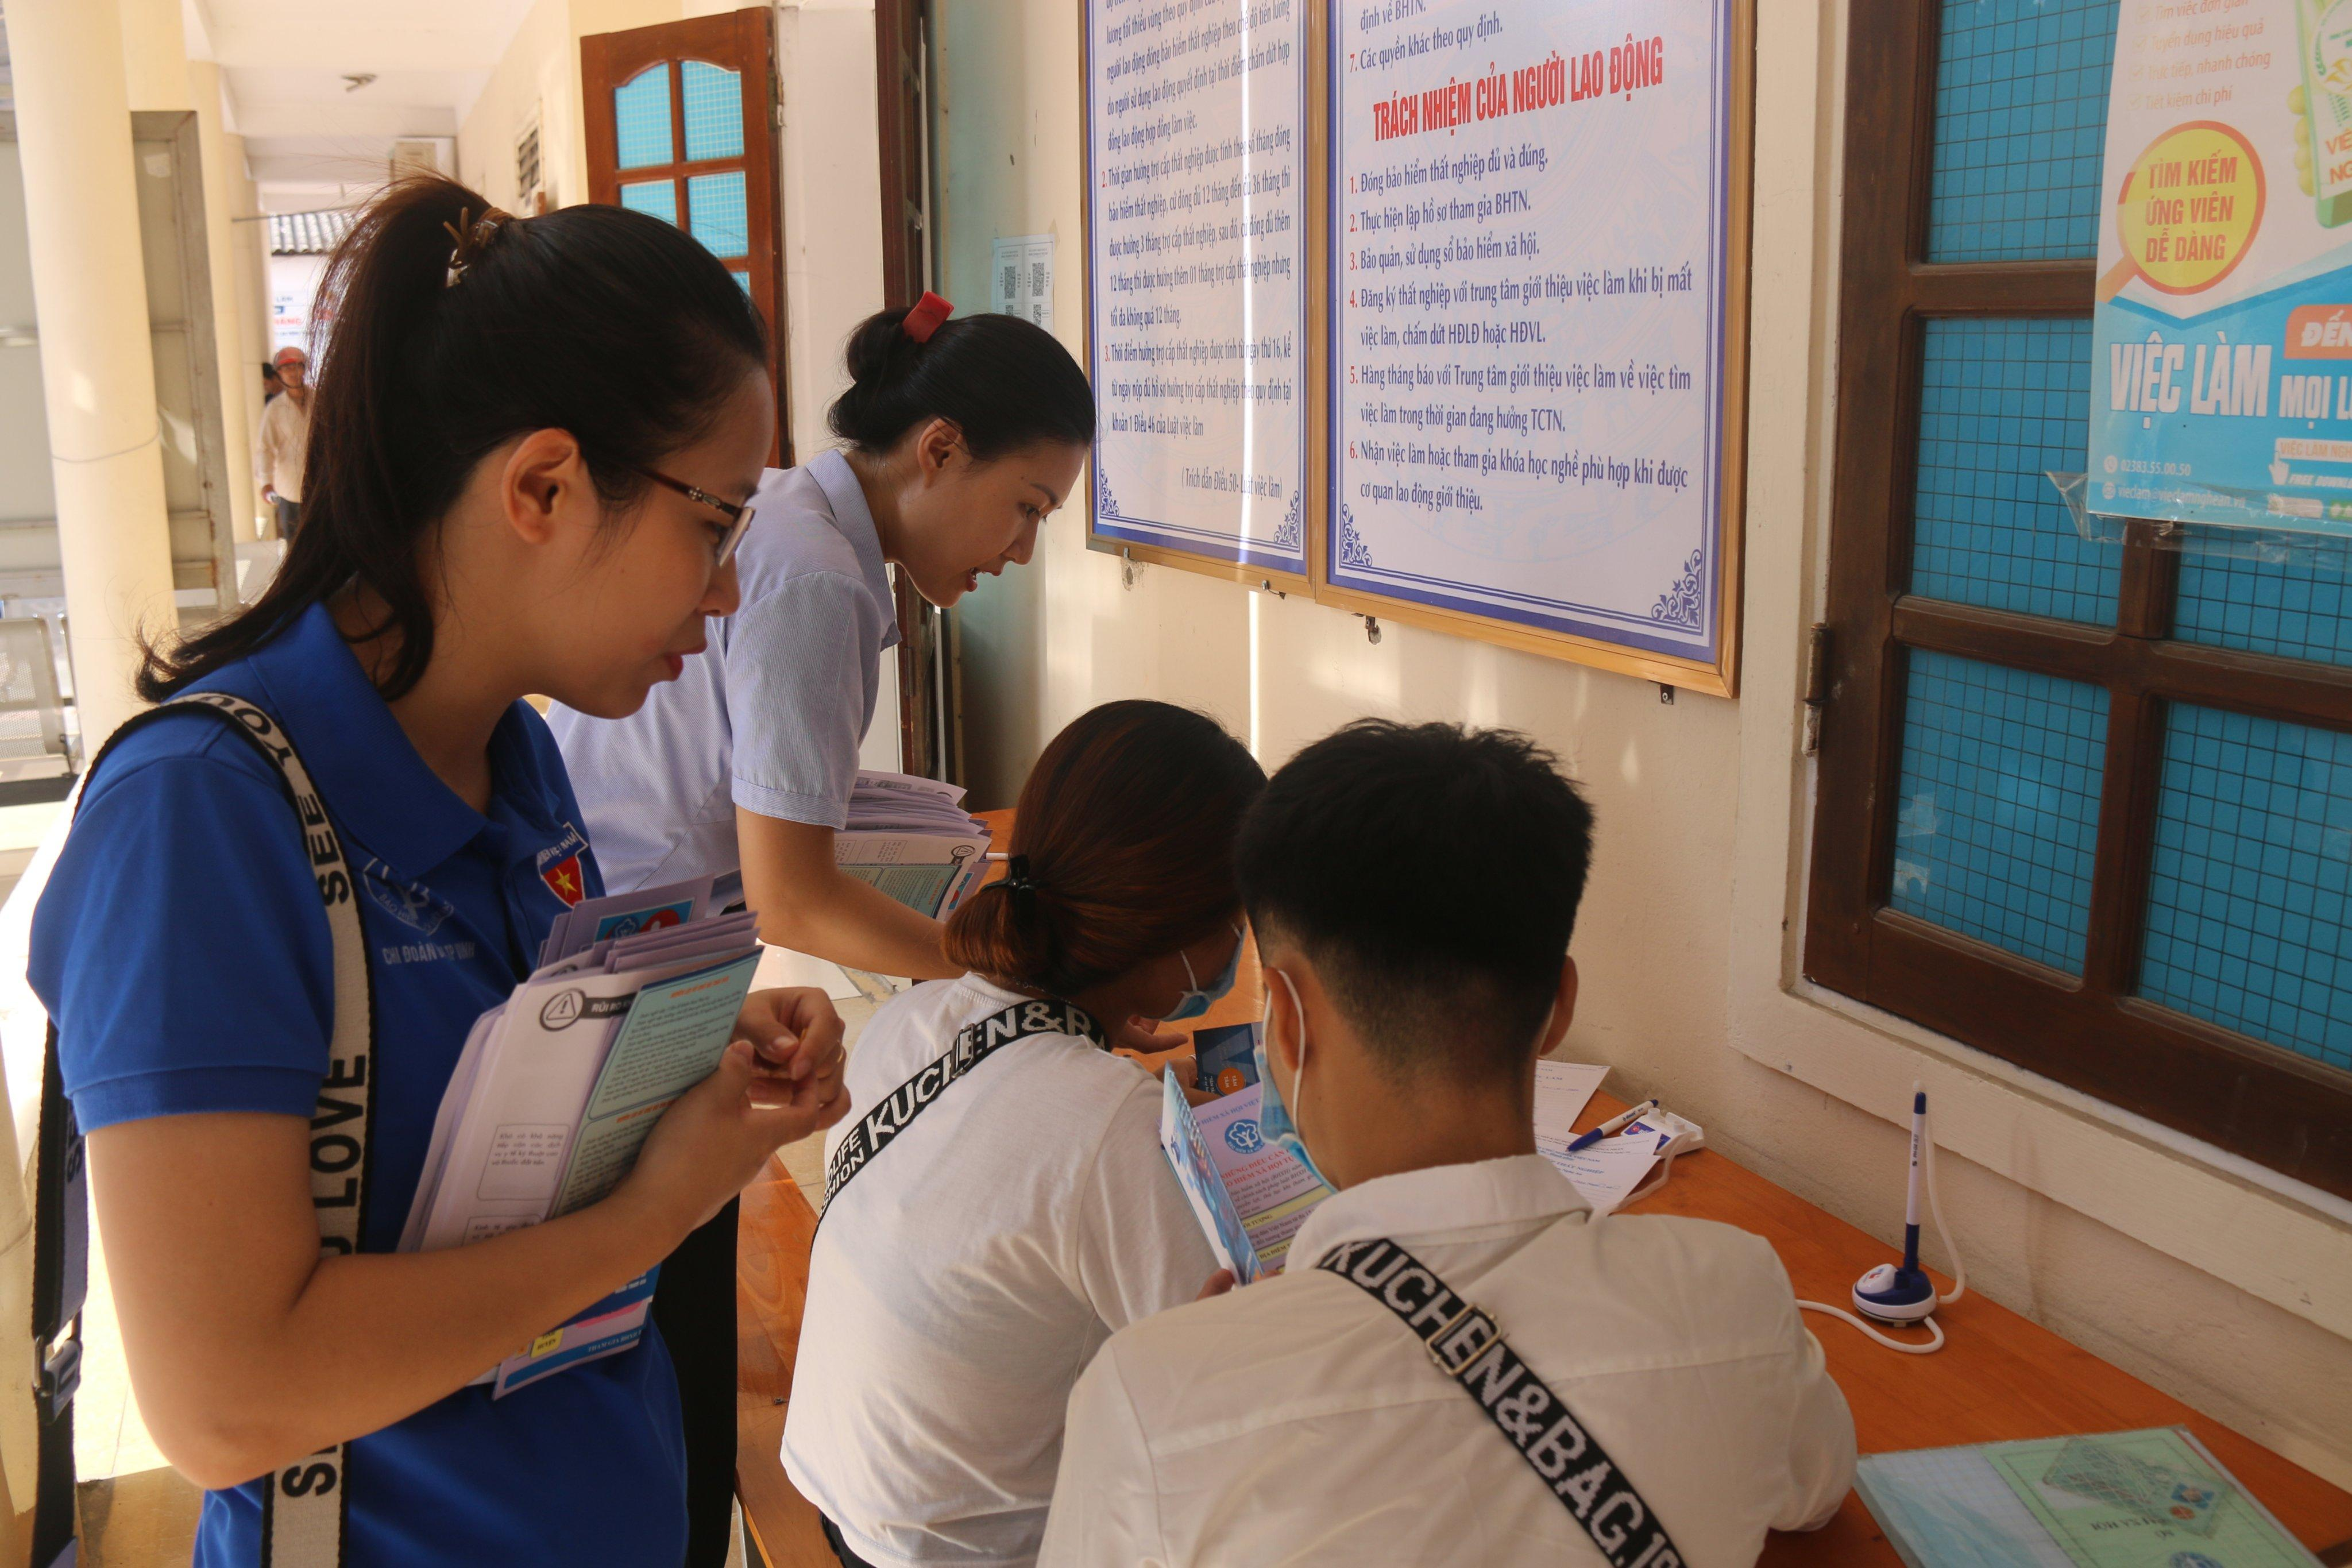 Nghệ An: Tuyên truyền chính sách bảo hiểm tại Trung tâm Dịch vụ việc làm